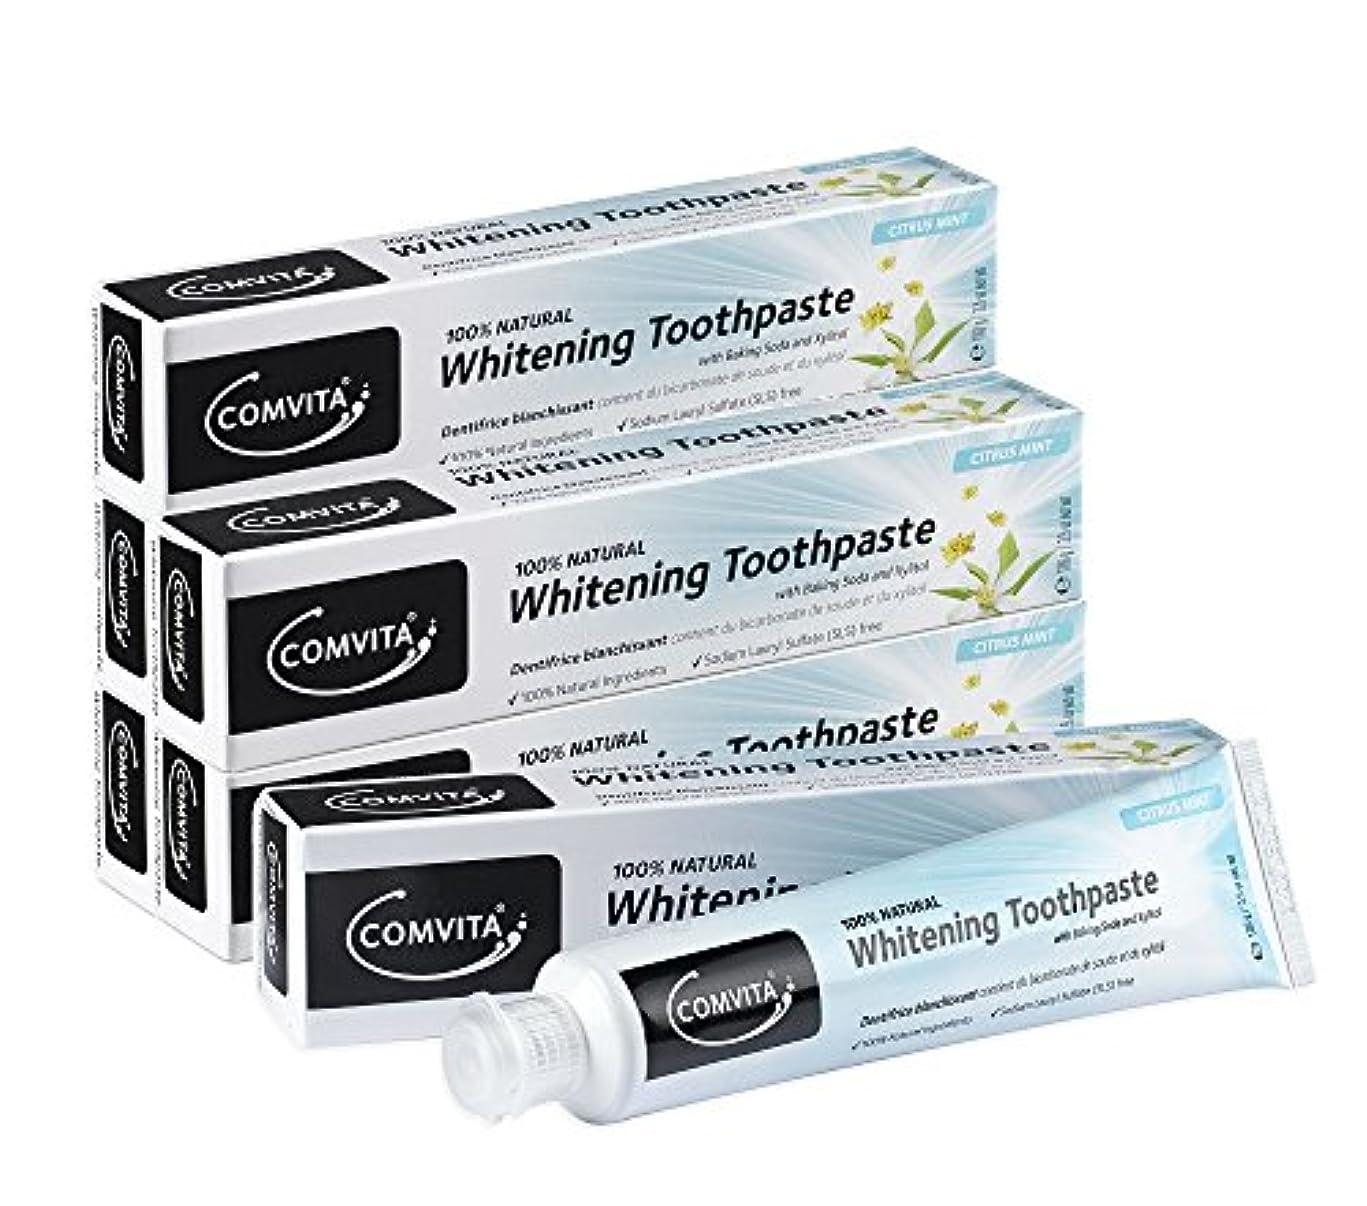 オート治安判事贈り物ホワイトニング歯磨き コンビタ 100g お得な6本セット whitening toothpaste